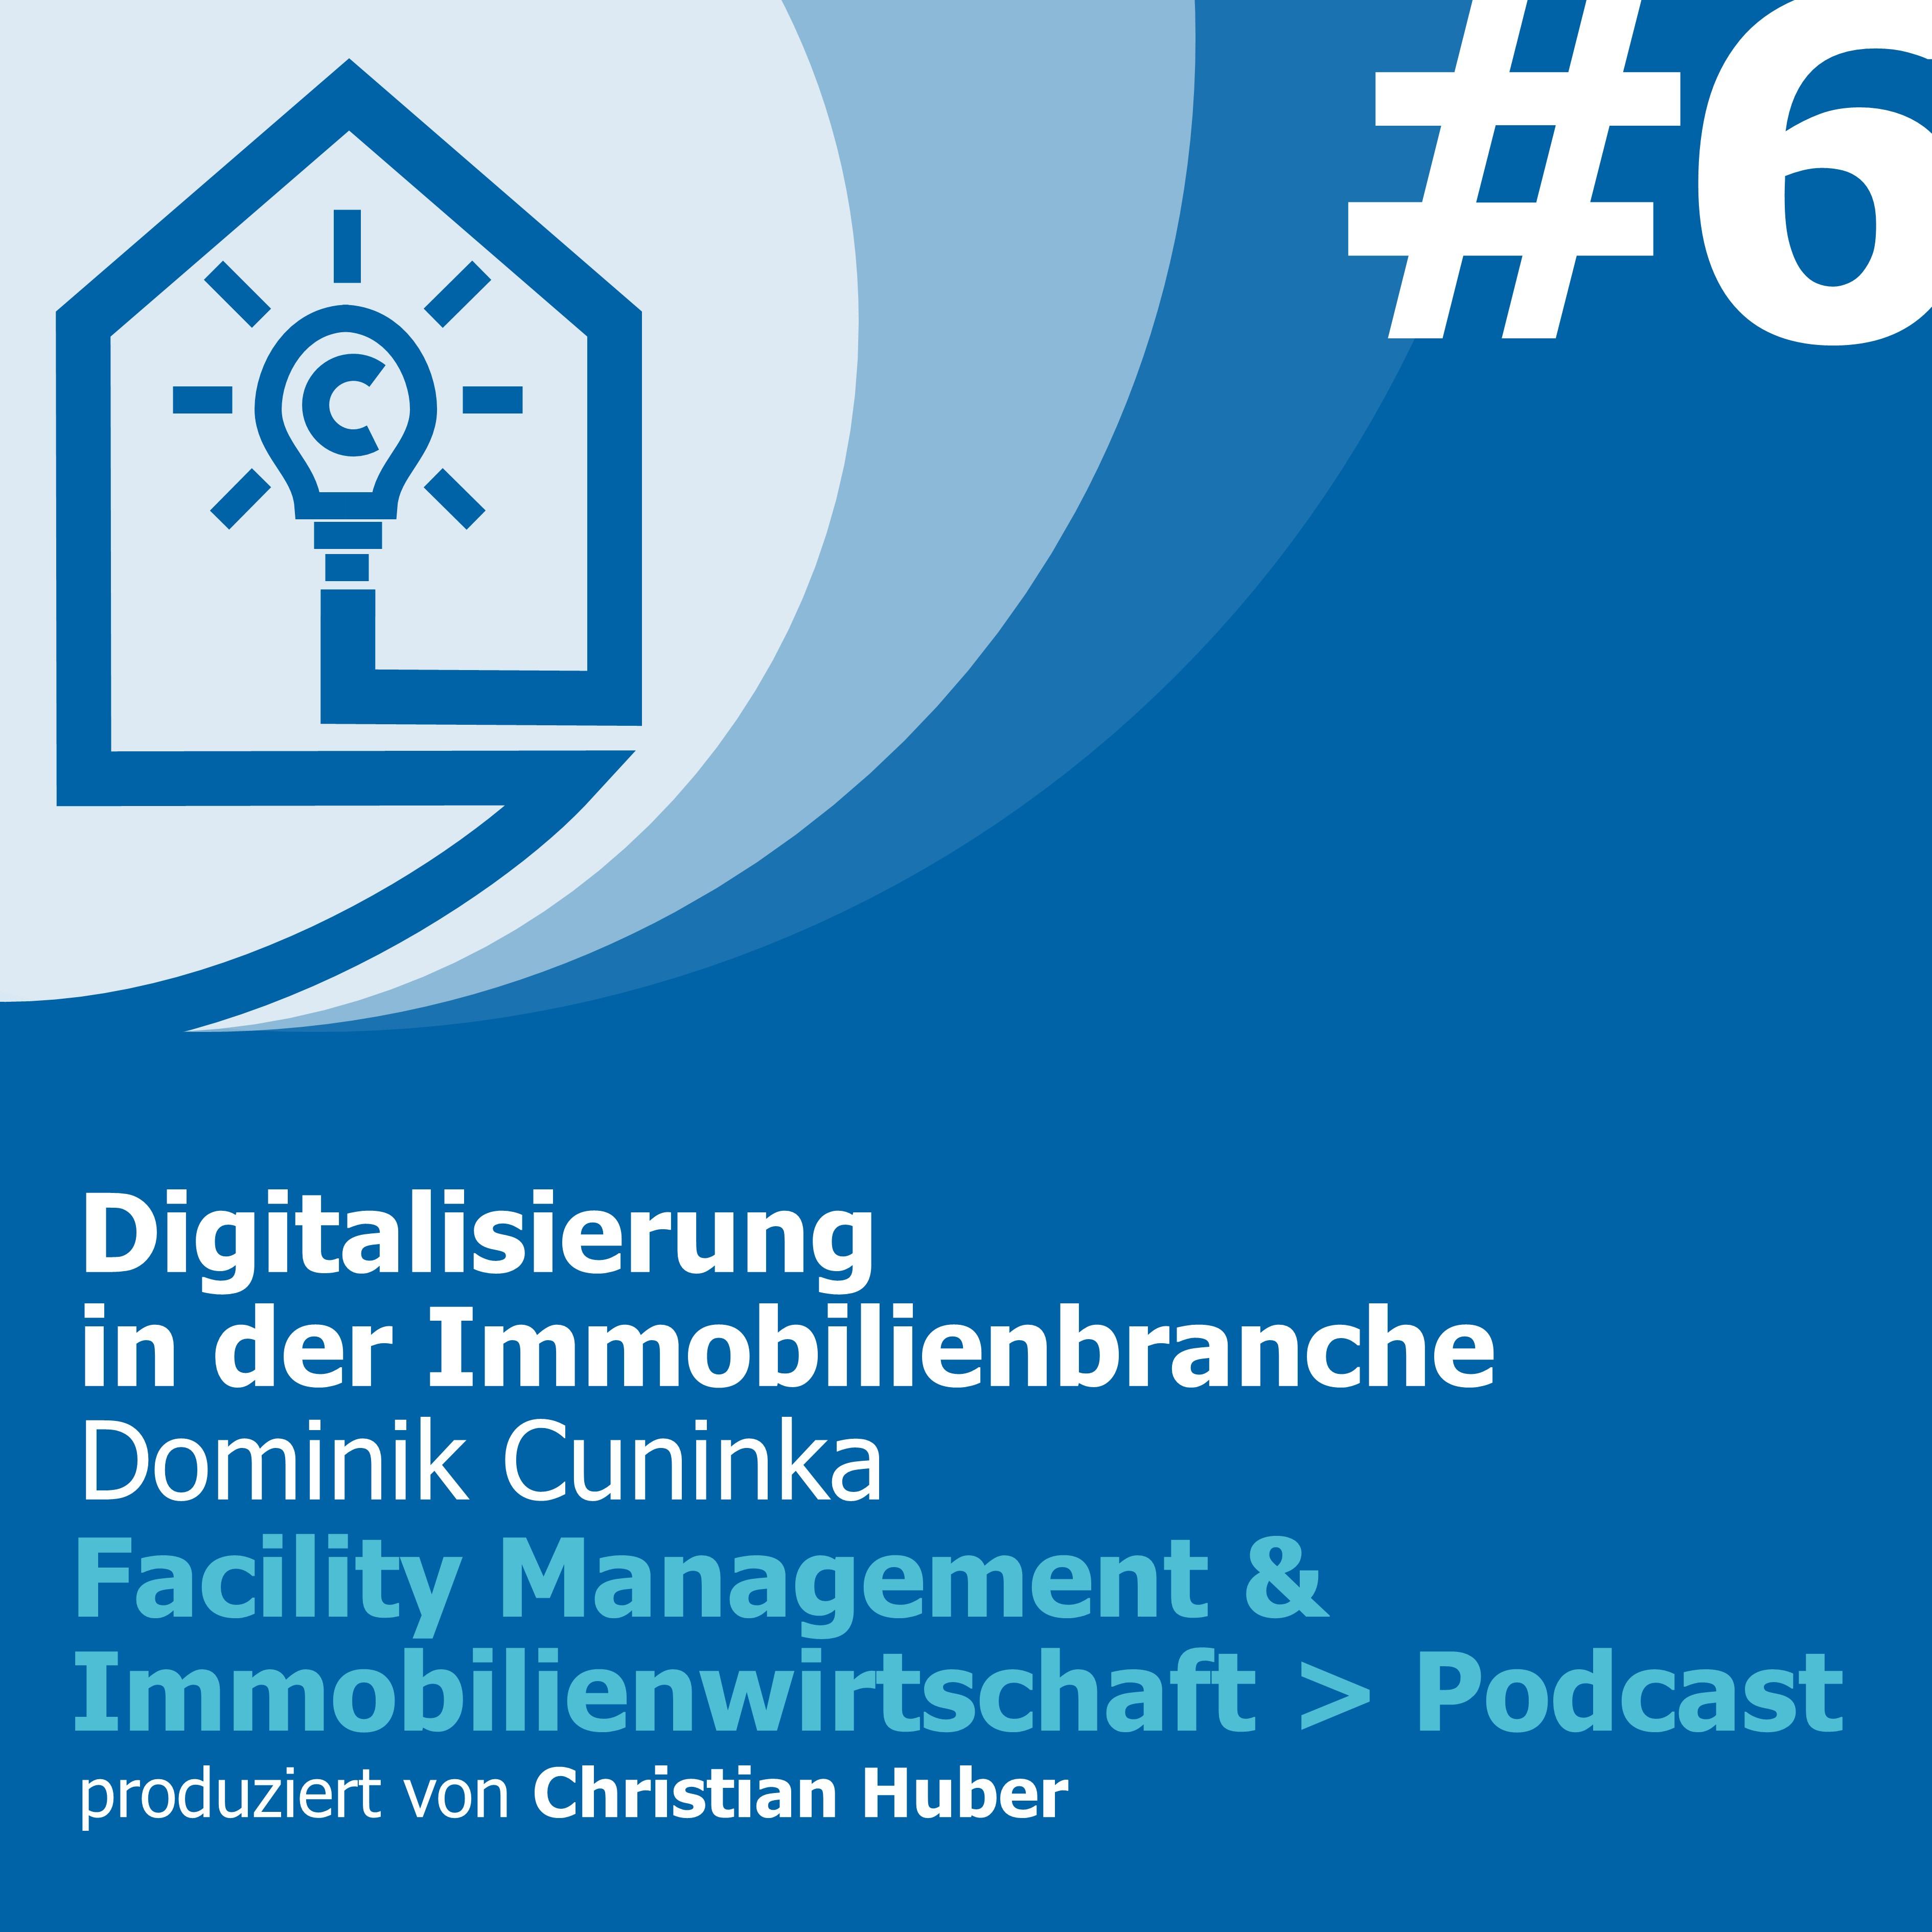 Episode 6 - Digitalisierung in der Immobilienbranche. Christian Huber im Gespräch mit Dominik Cuninka